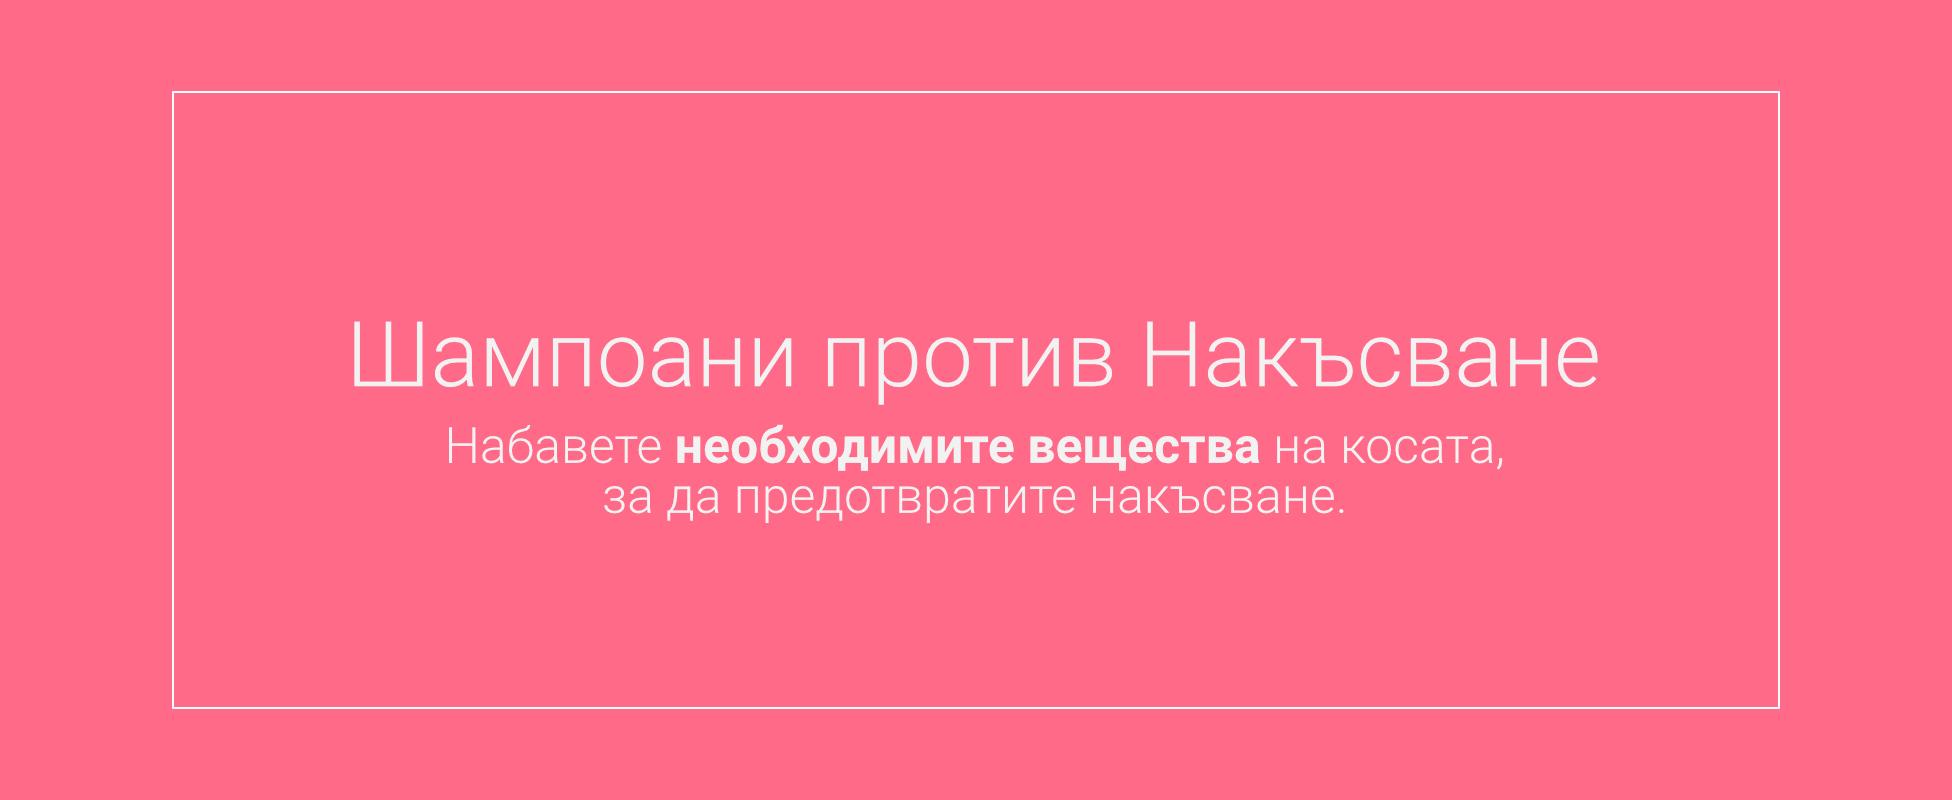 shampoani-protiv-nakasvane